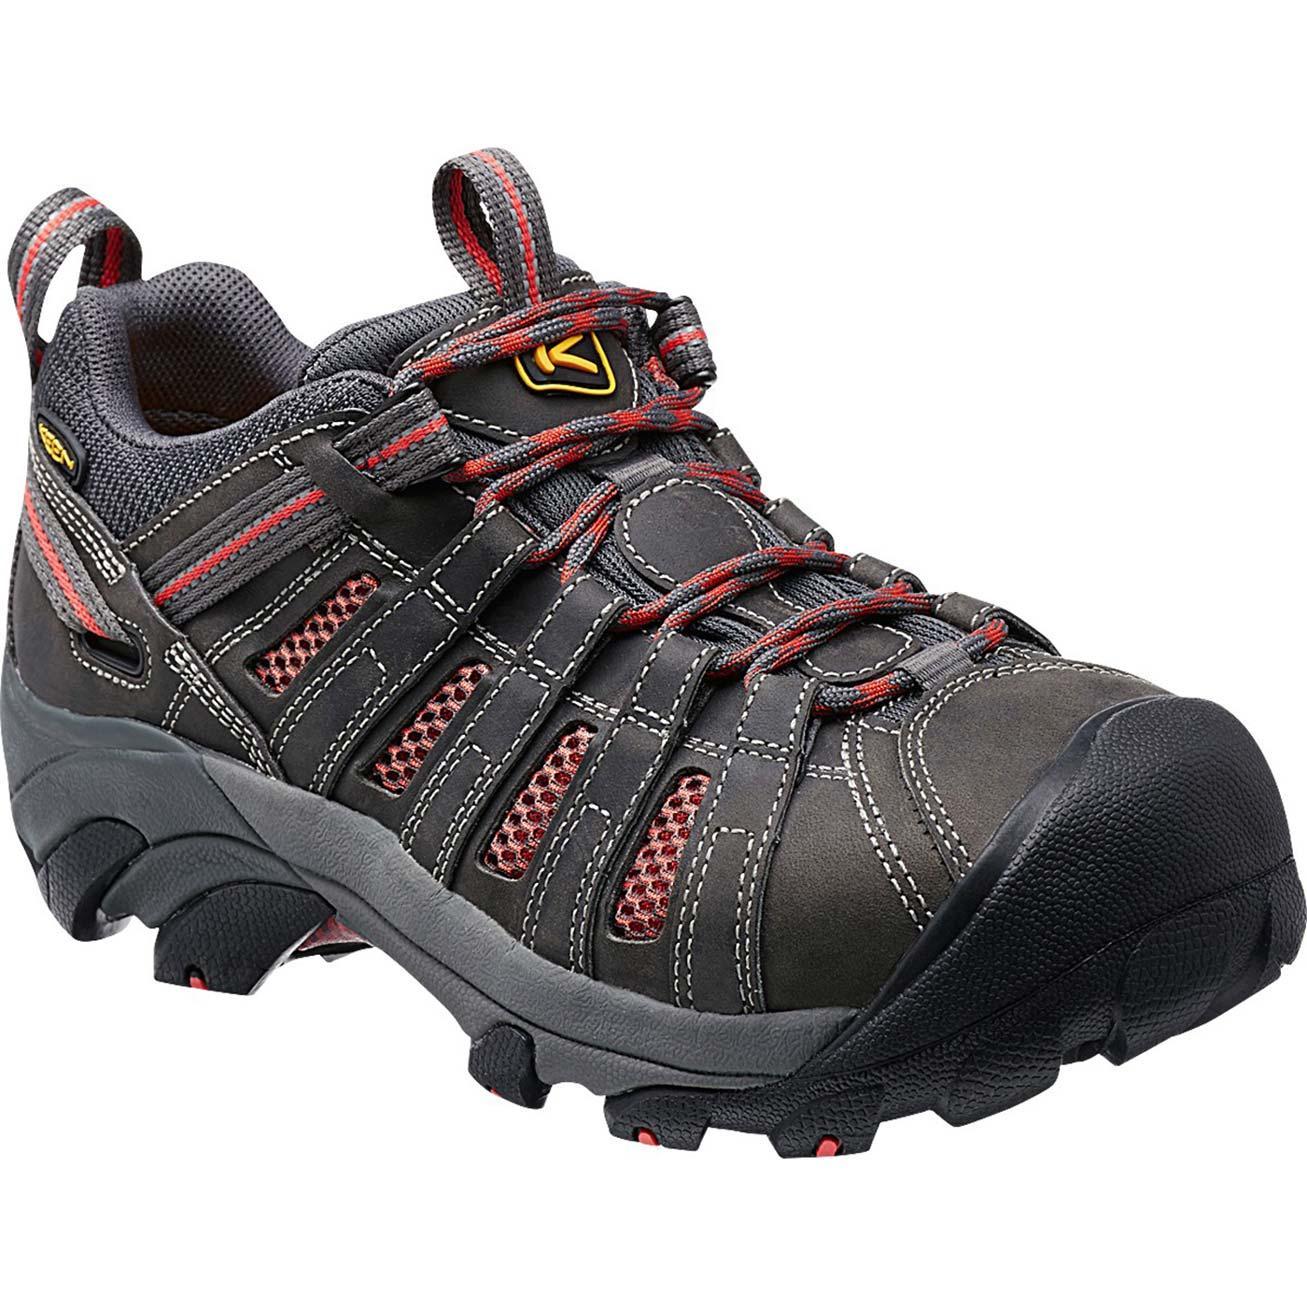 3cf65e6127 KEEN Utility® Flint Low Women's Steel Toe Work ShoeKEEN Utility® Flint Low Women's  Steel Toe Work Shoe,